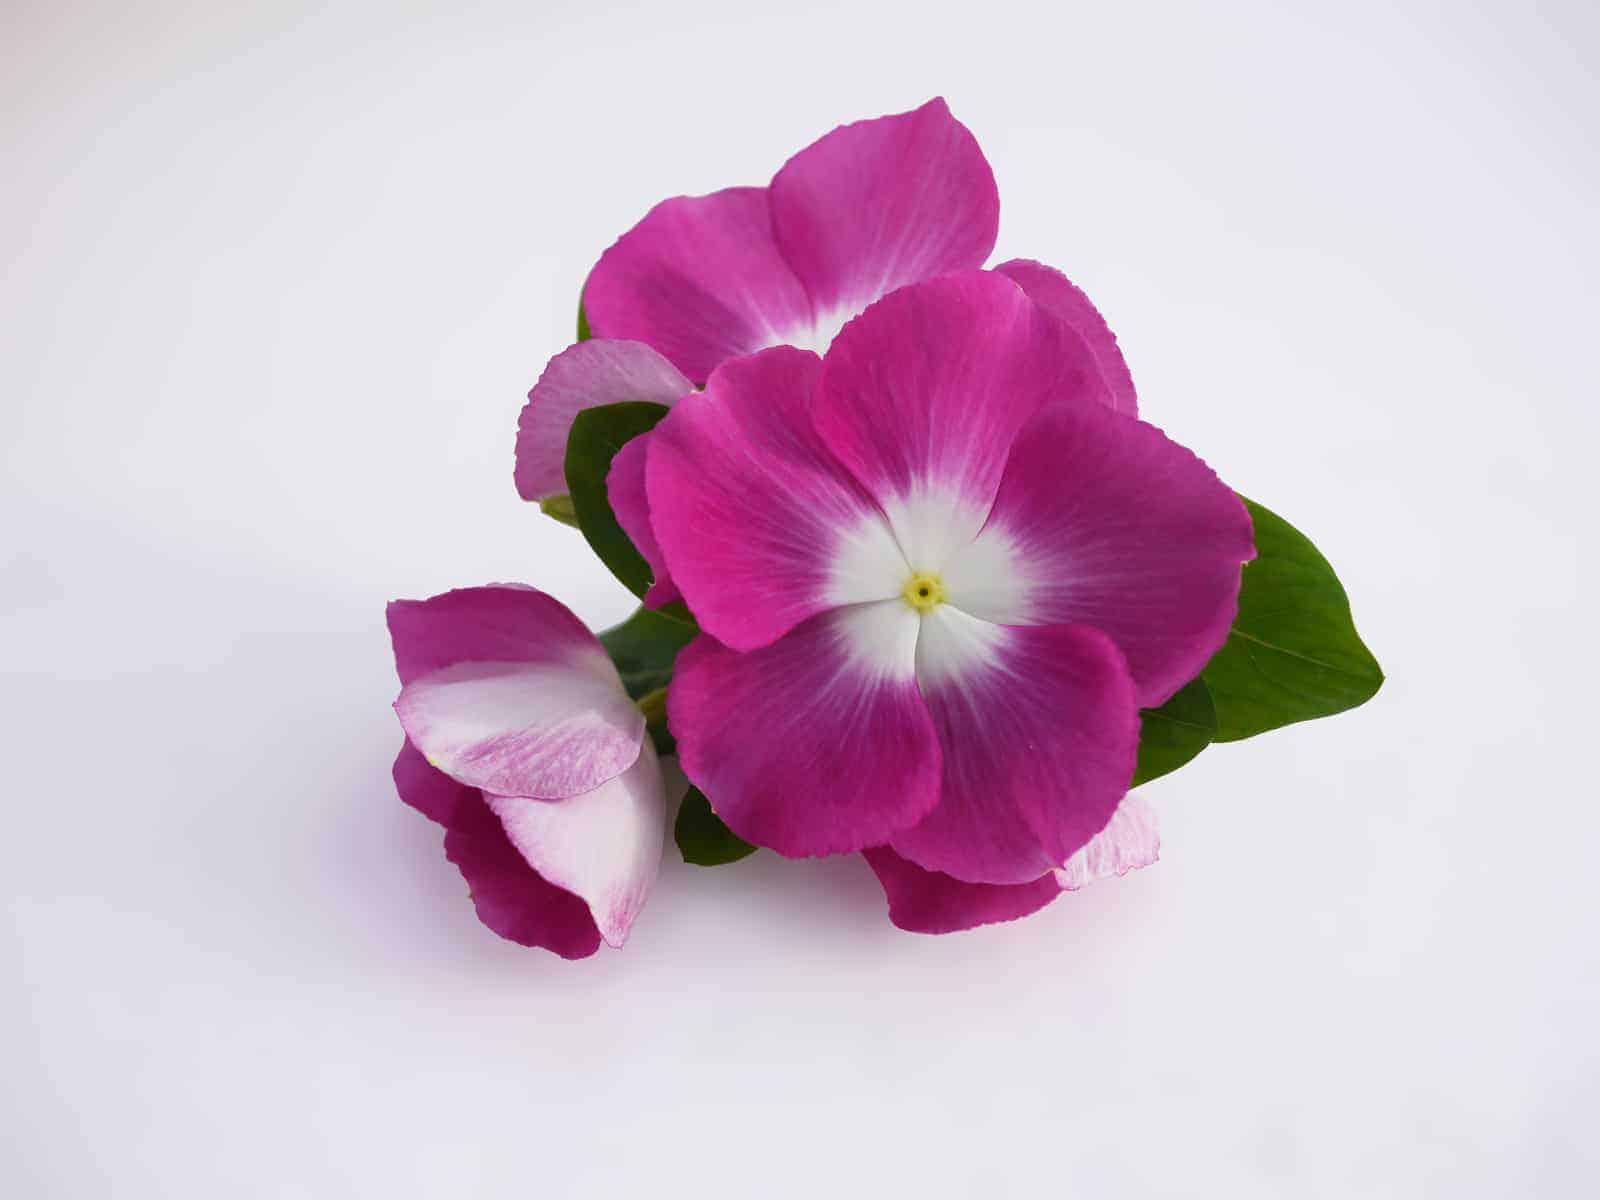 vinca mega bloom orchid halo f1 - Orchid